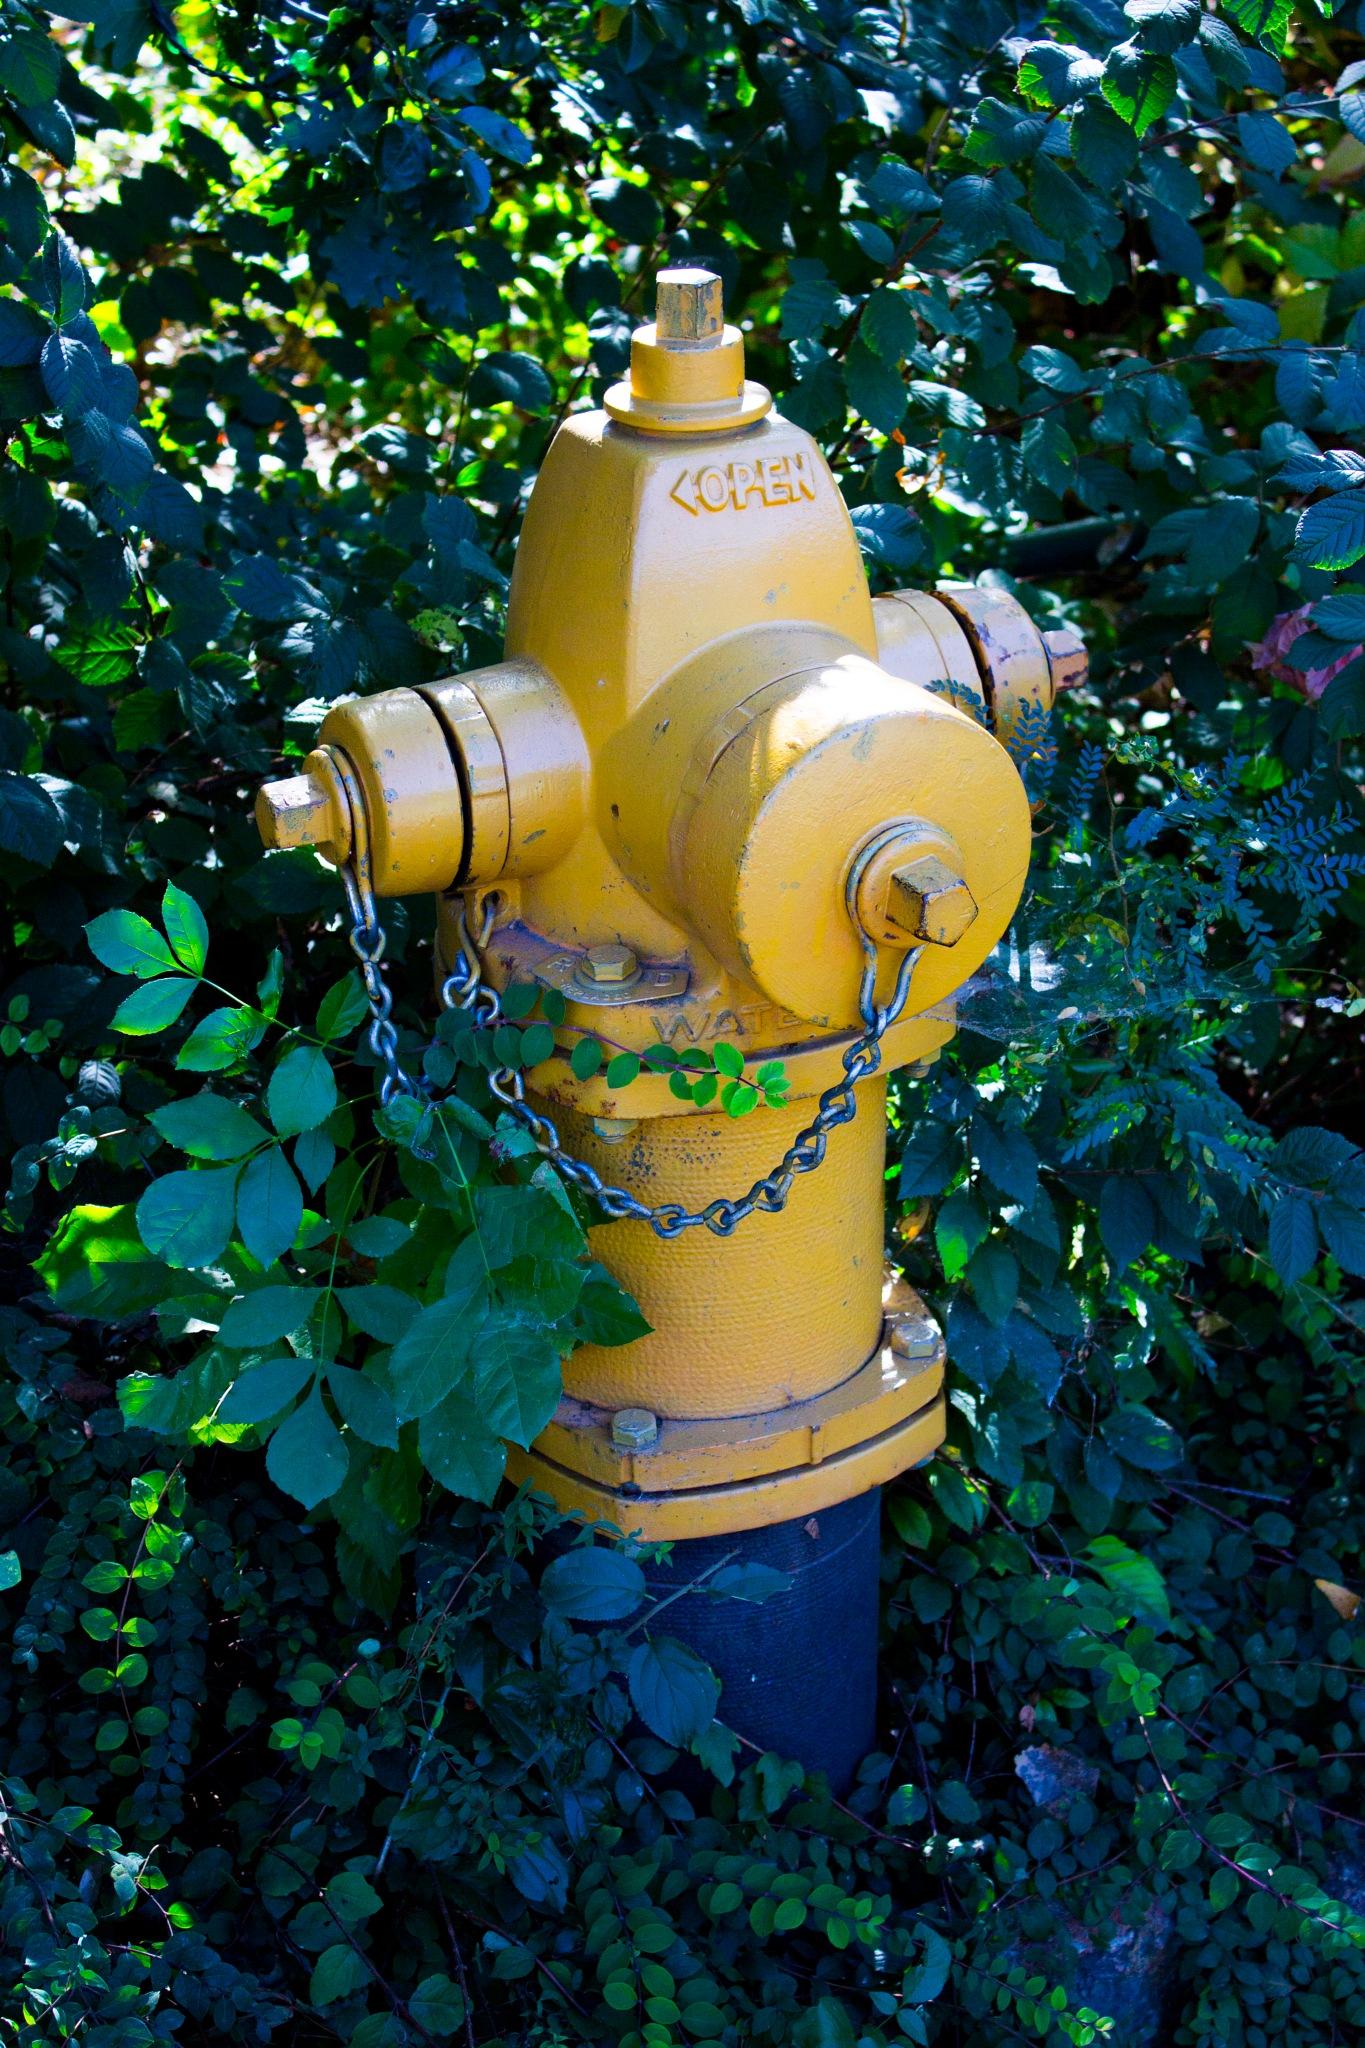 Yellow Fire Hydrant by Lynda Clayton